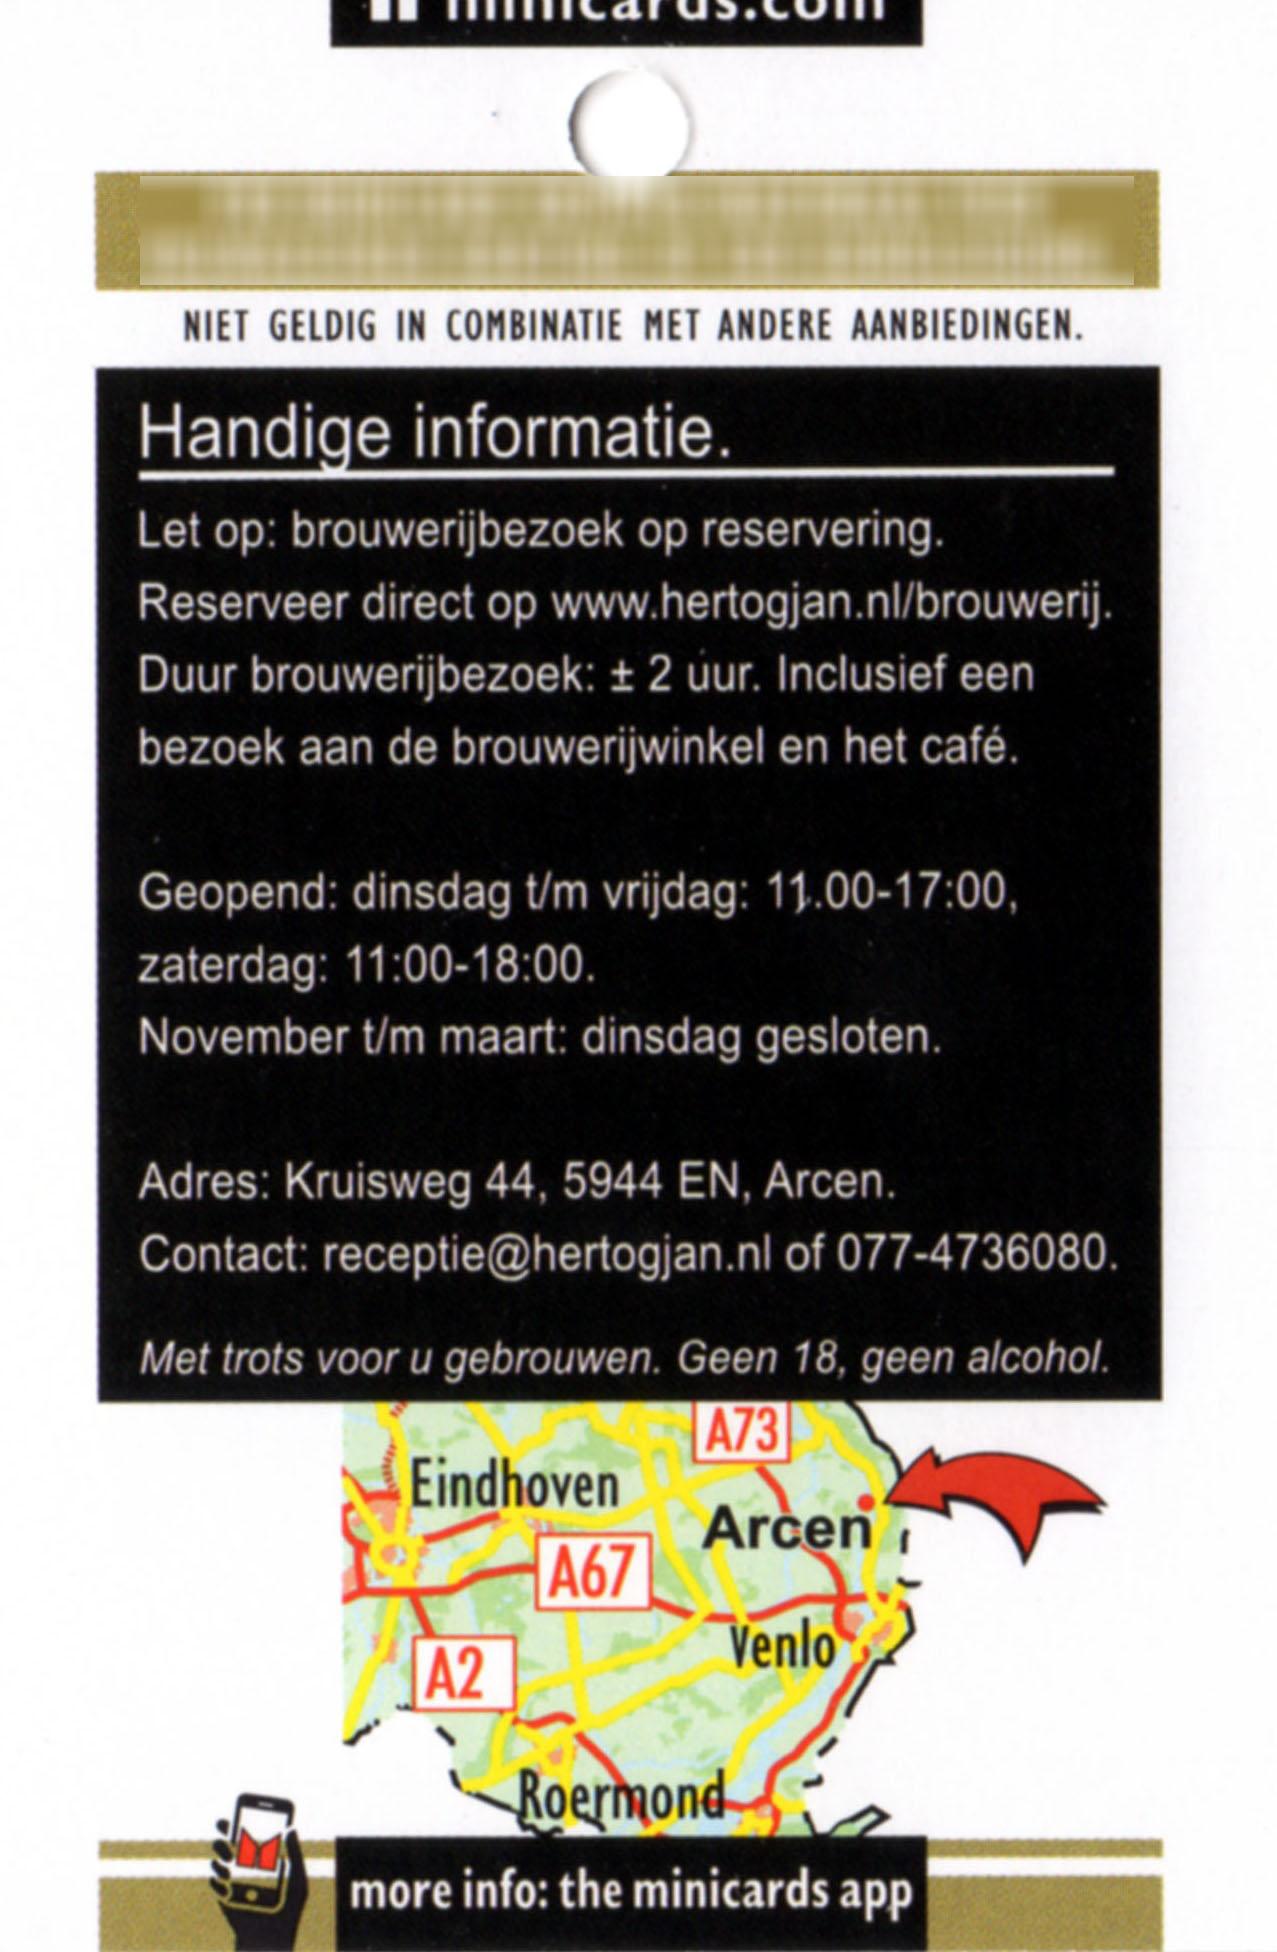 Hertog Jan info